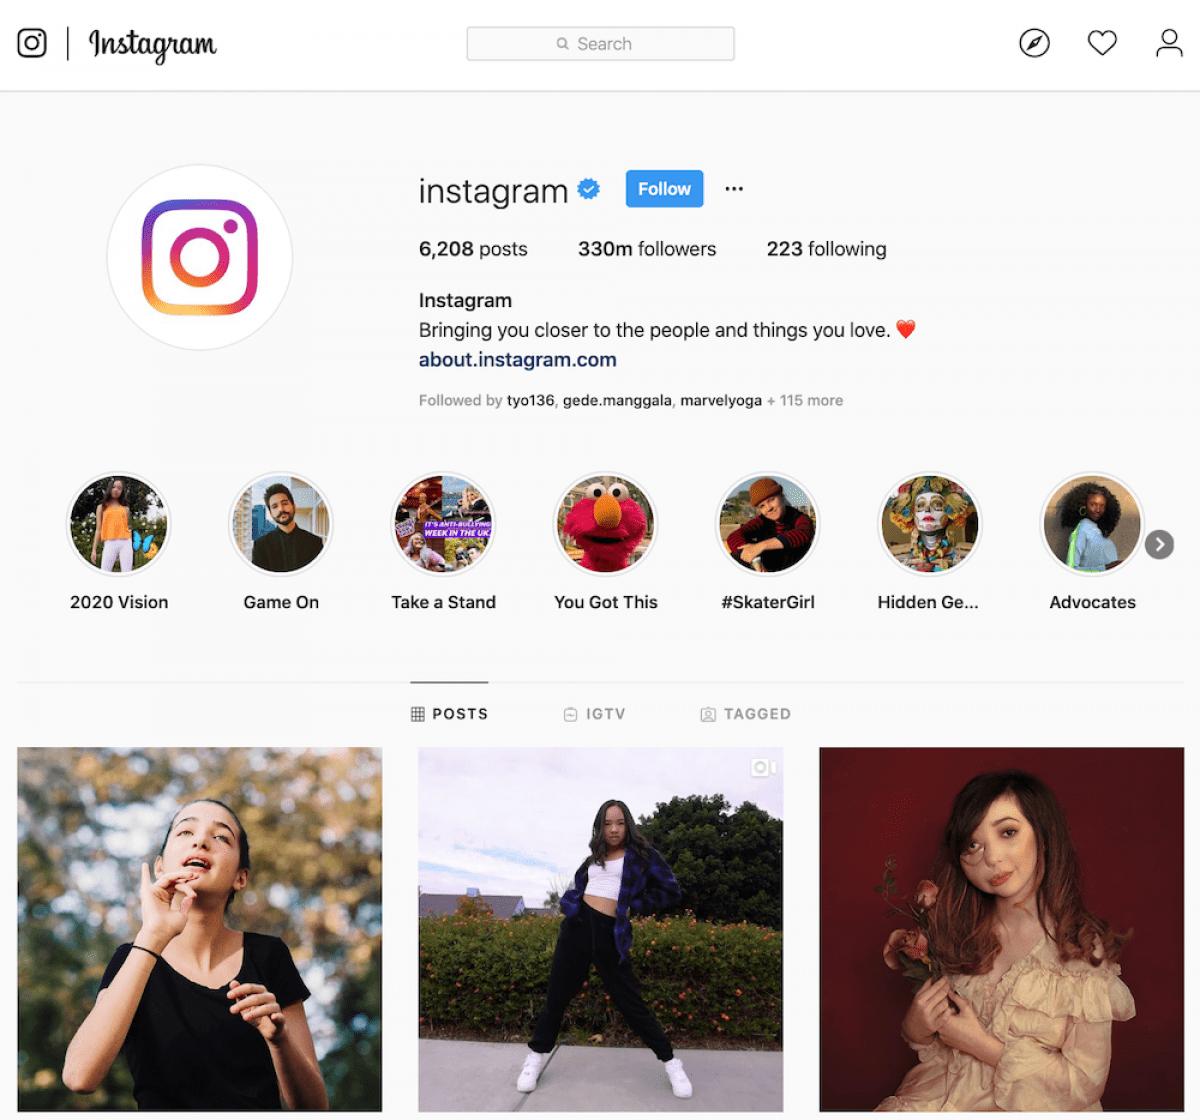 Instagram Marketing Cara Mencari Uang Dari Internet Untuk Usaha Kecil Duwitmu